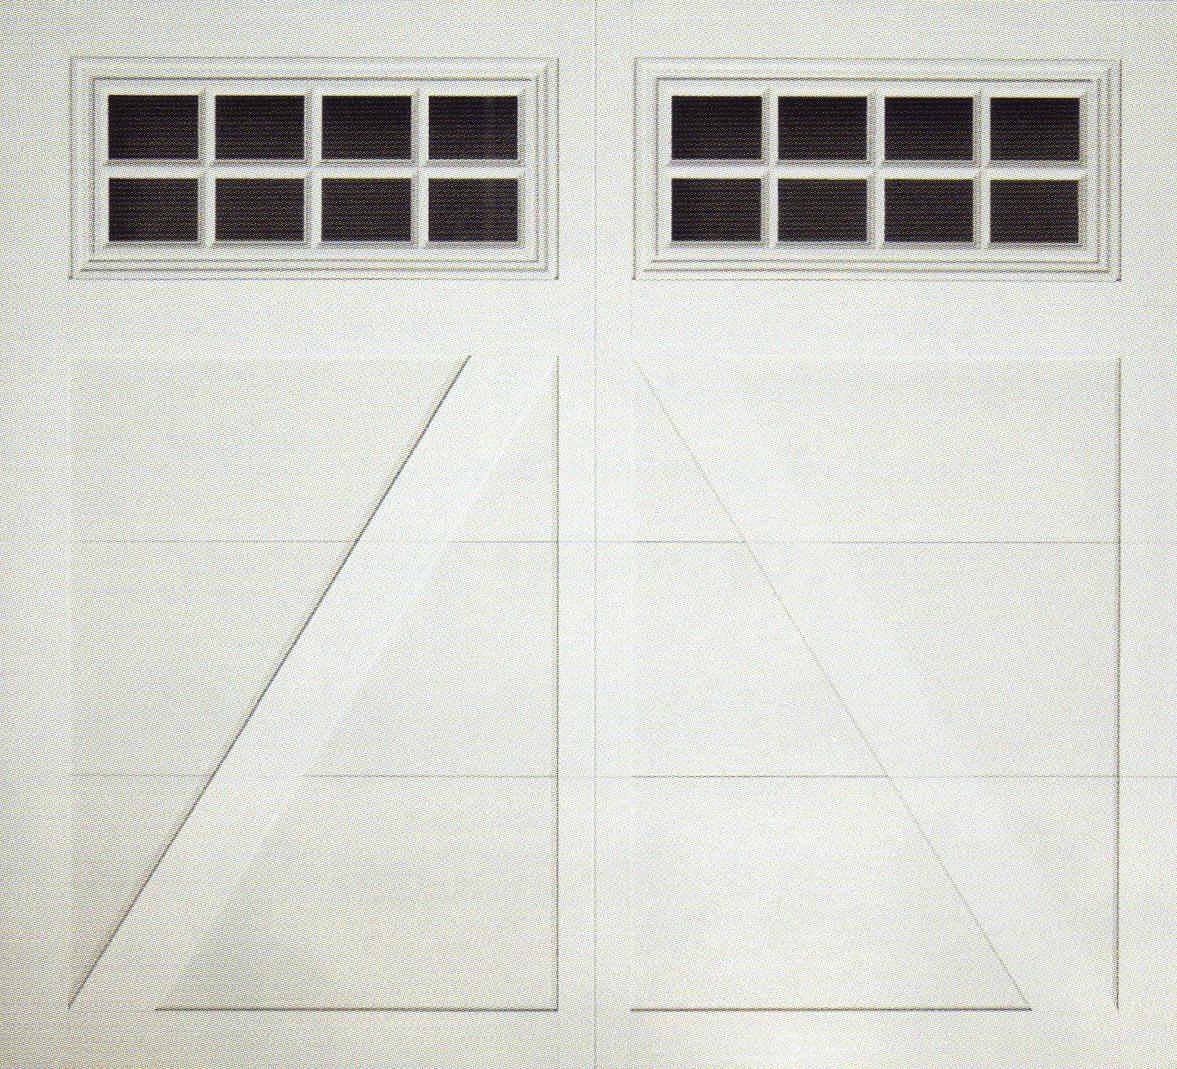 Carriage Creek Style 5 White Garage Door A Plus Garage Doors